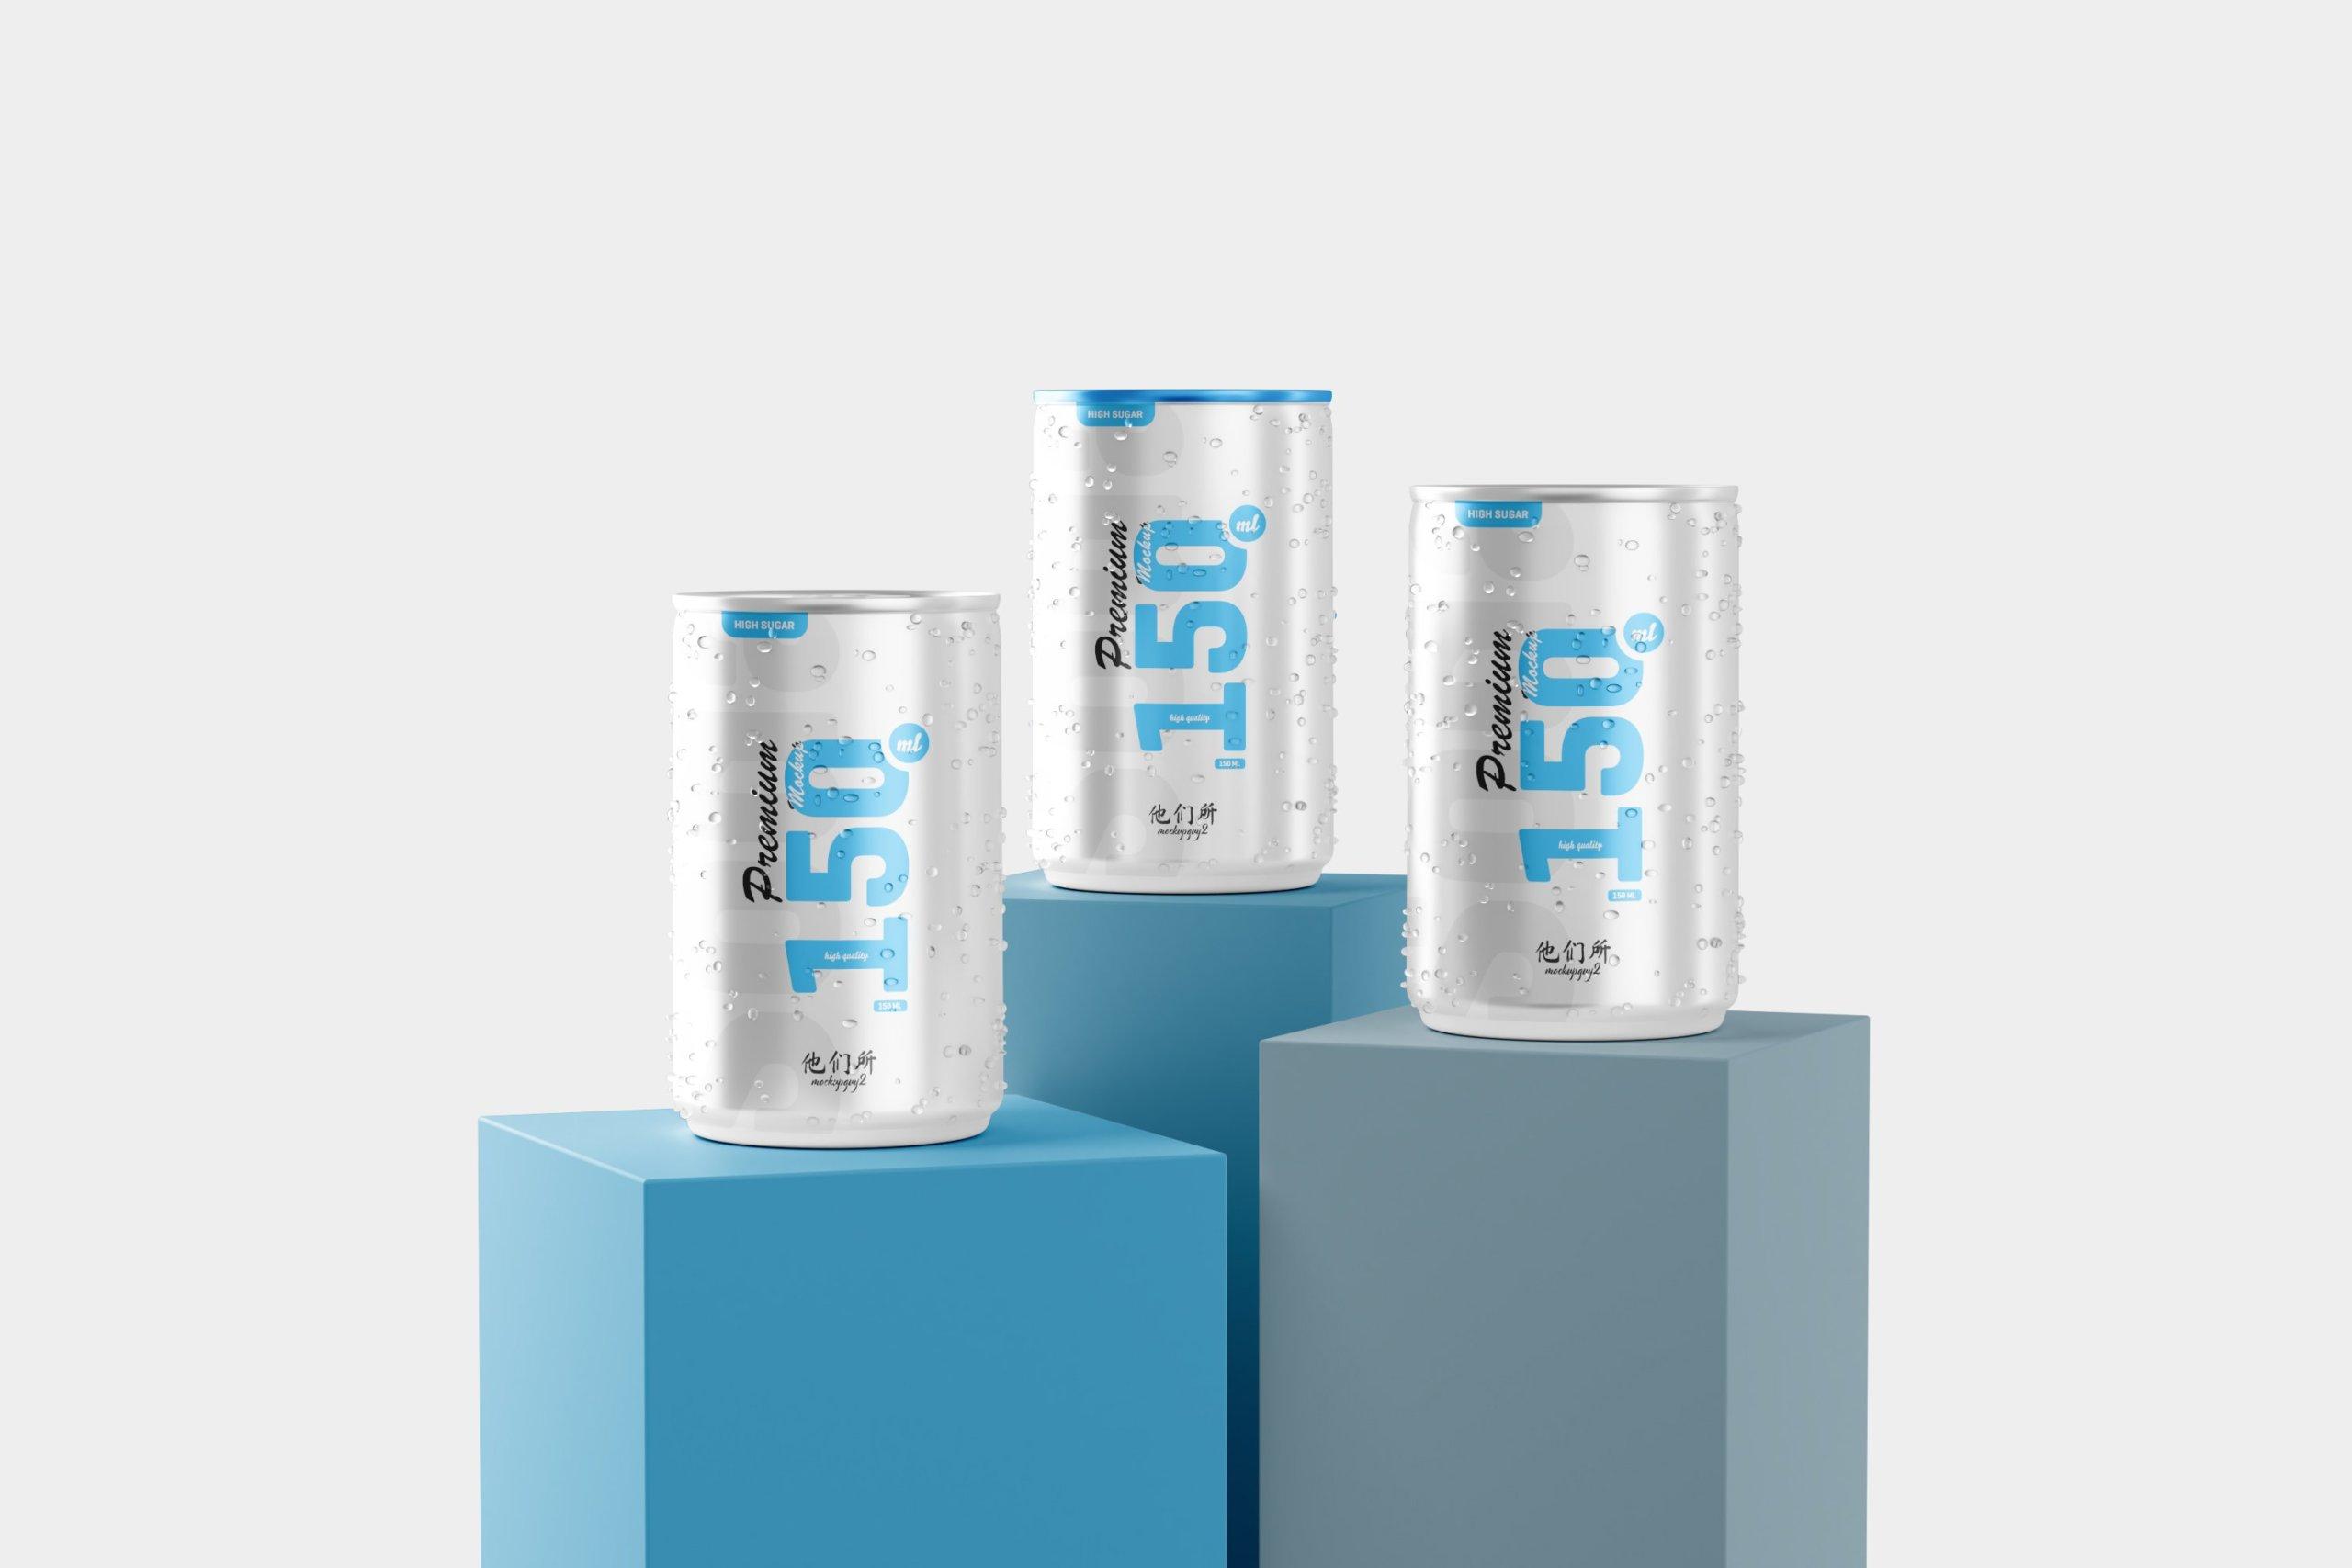 10款150毫升苏打汽水锡罐易拉罐设计展示样机 150ml Soda Can Mockup插图8